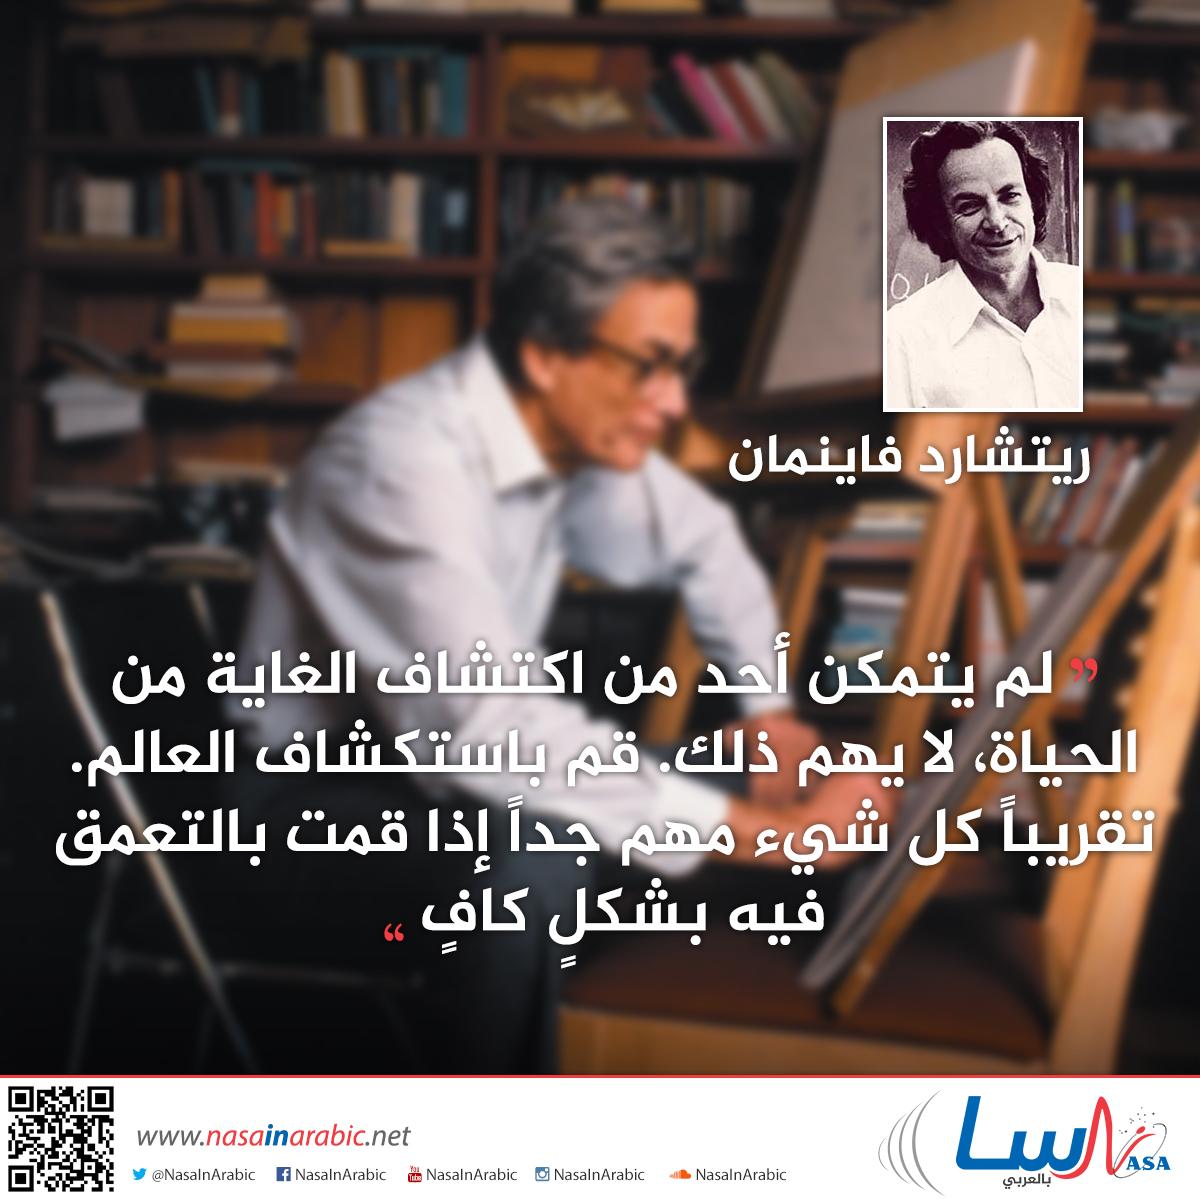 ما هو الشيء المهم بنظر فاينمان؟